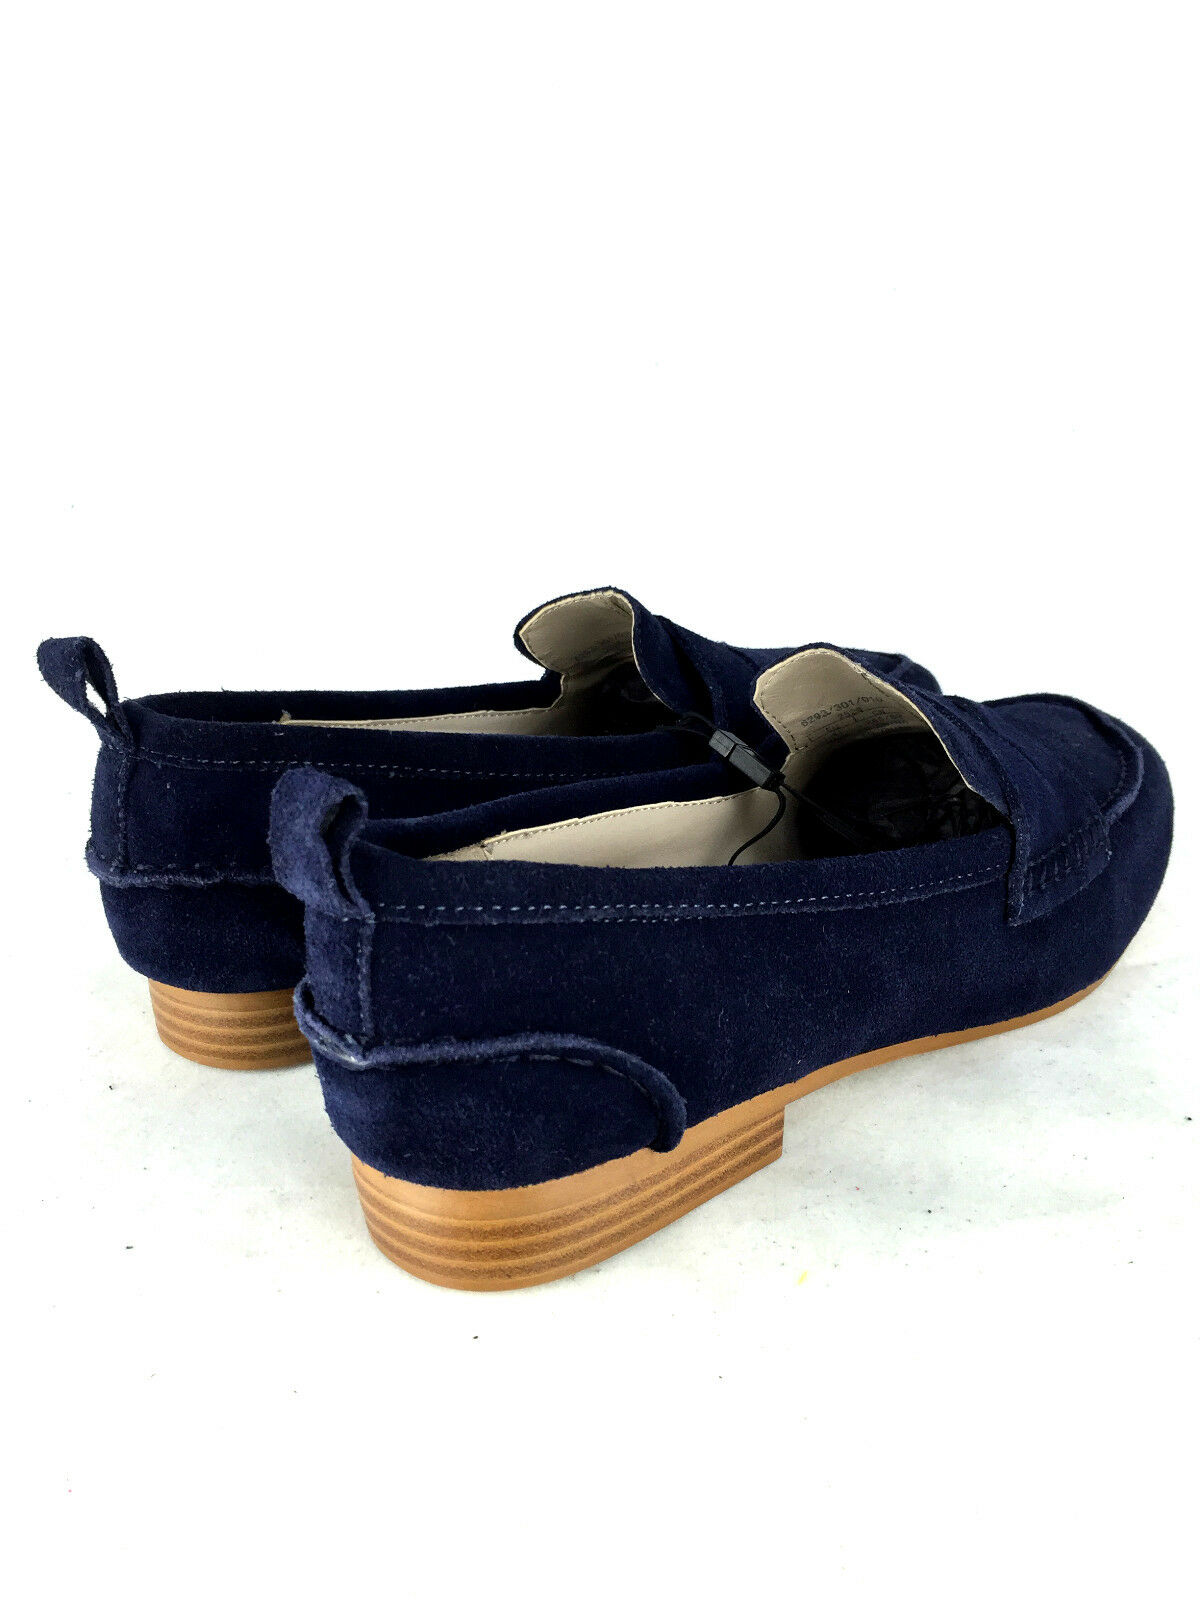 Zara Blaues Eur41 Leder Mokassin Schuhe Faulenzer-Wohnungen Größe UK8 Eur41 Blaues US10 9343b5